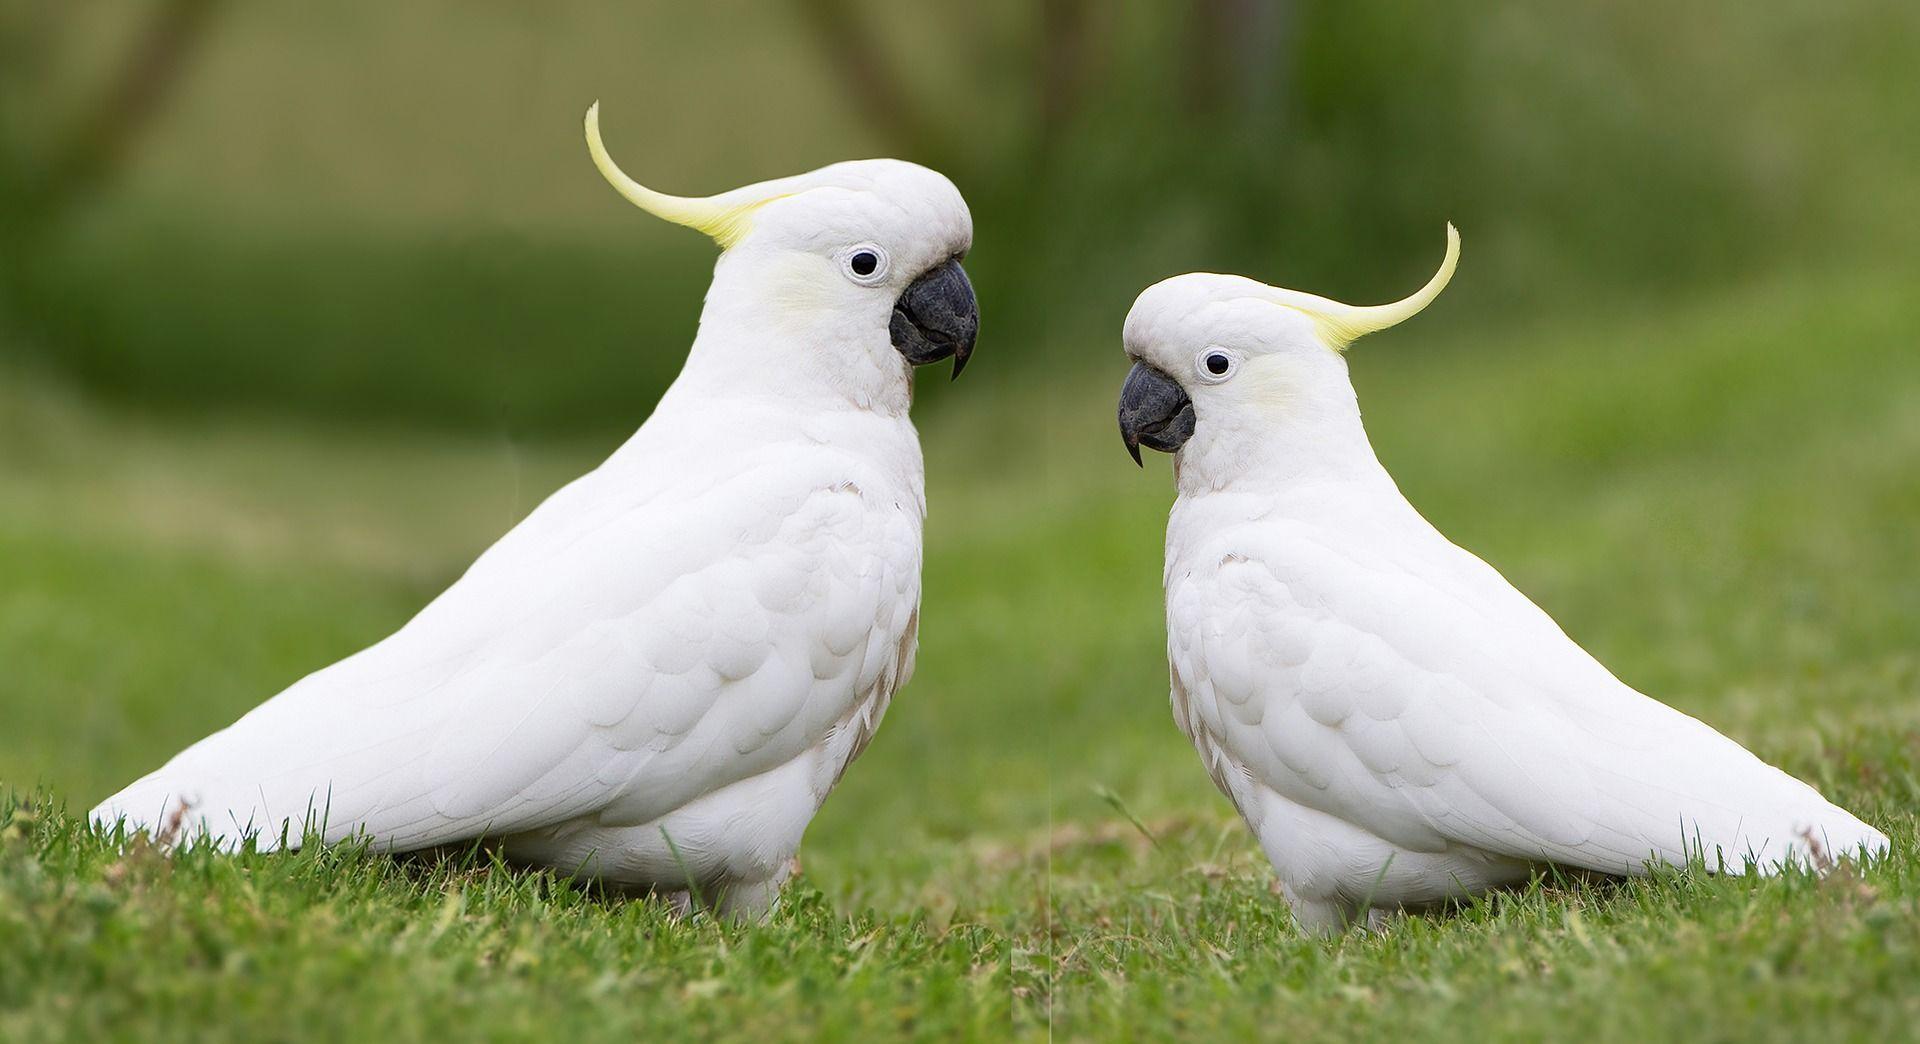 Скачать онлайн бесплатно лучшее фото двух Какаду в хорошем качестве